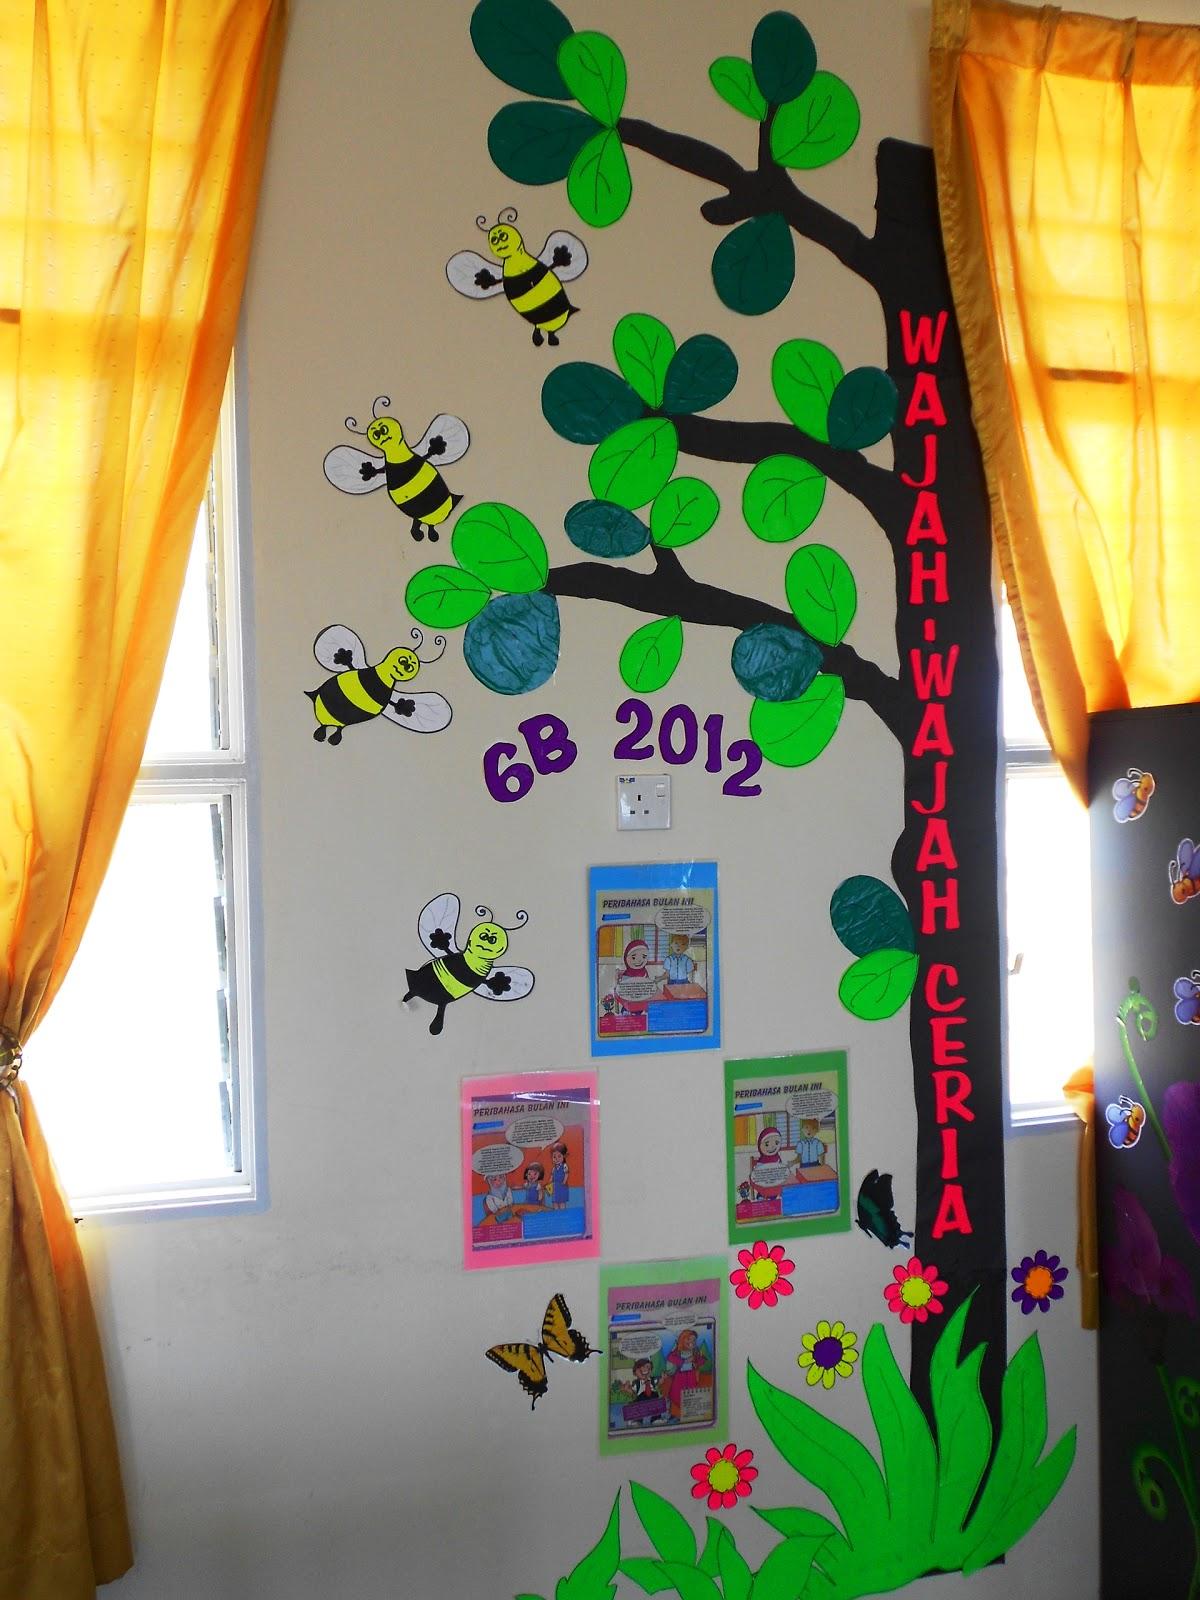 Contoh carta organisasi tadika contoh o for Contoh lukisan mural tadika